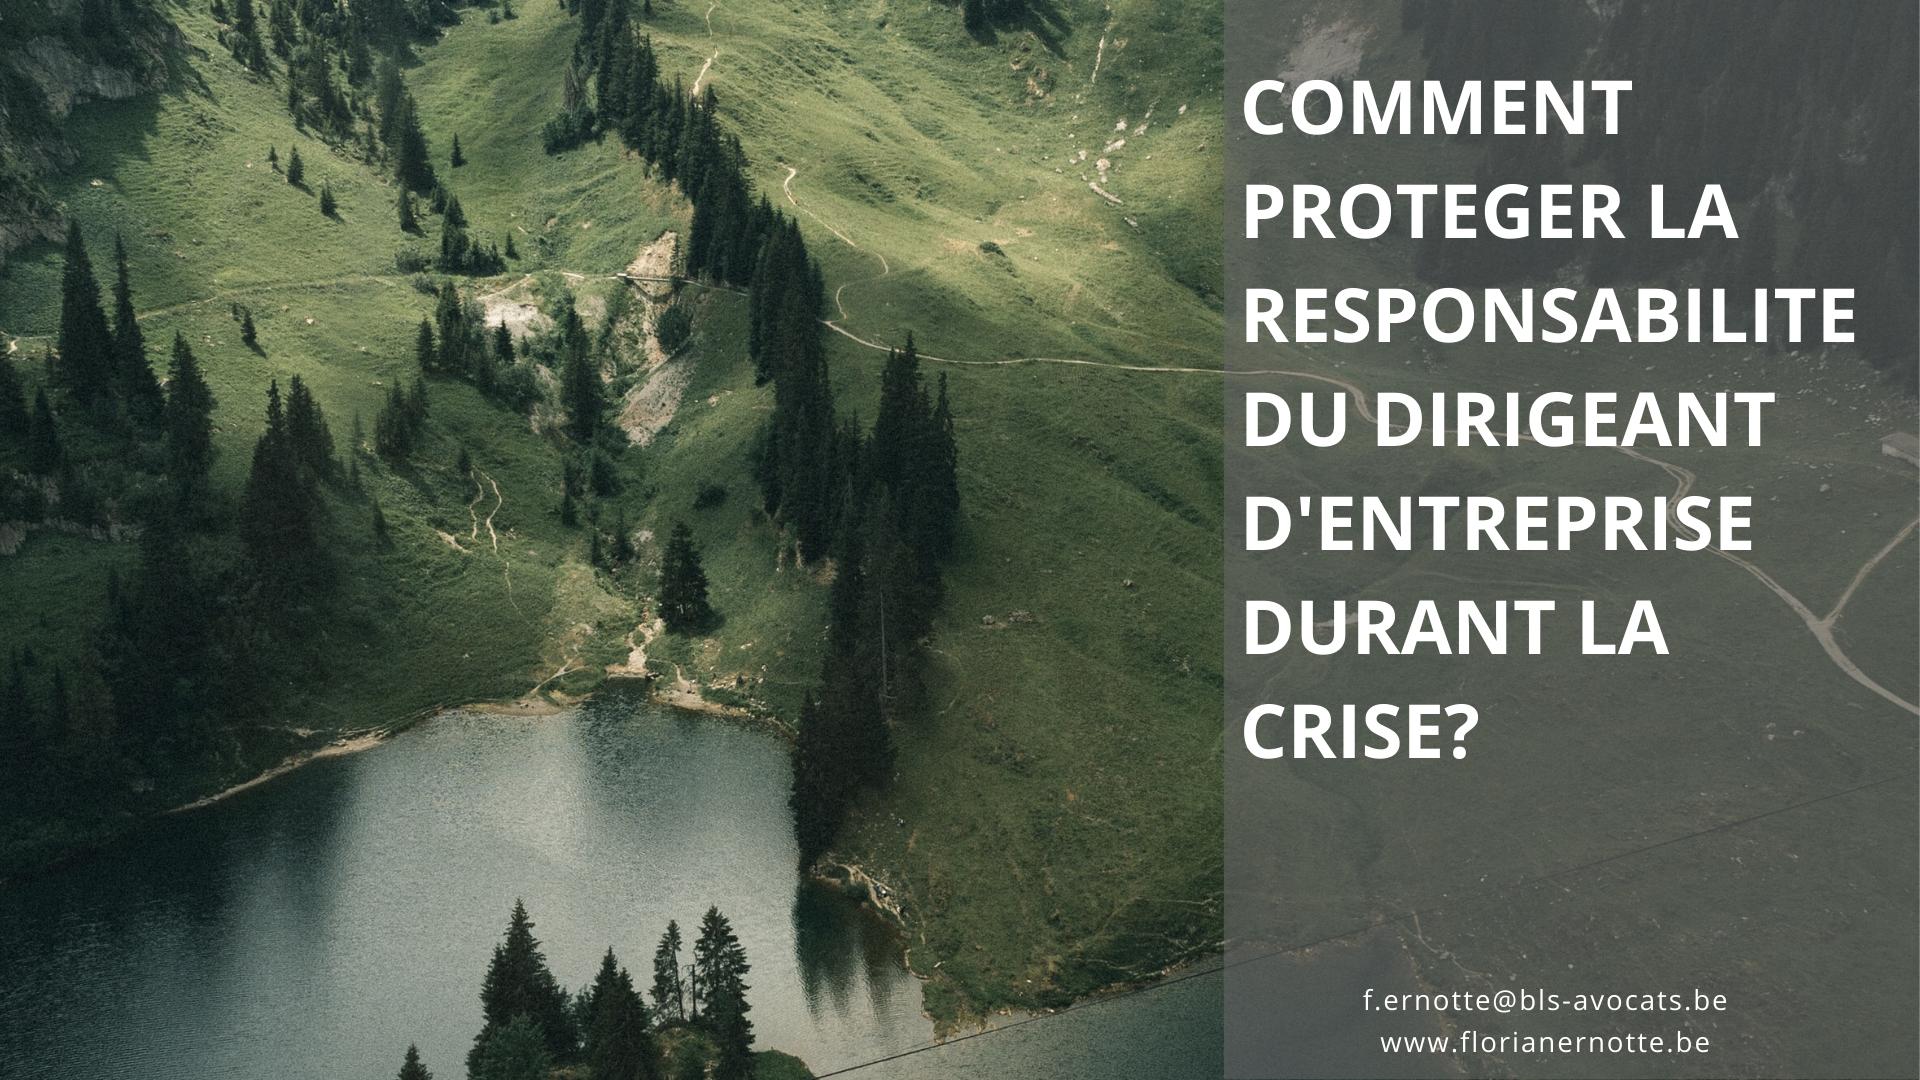 Comment protéger la responsabilité du dirigeant durant la crise?